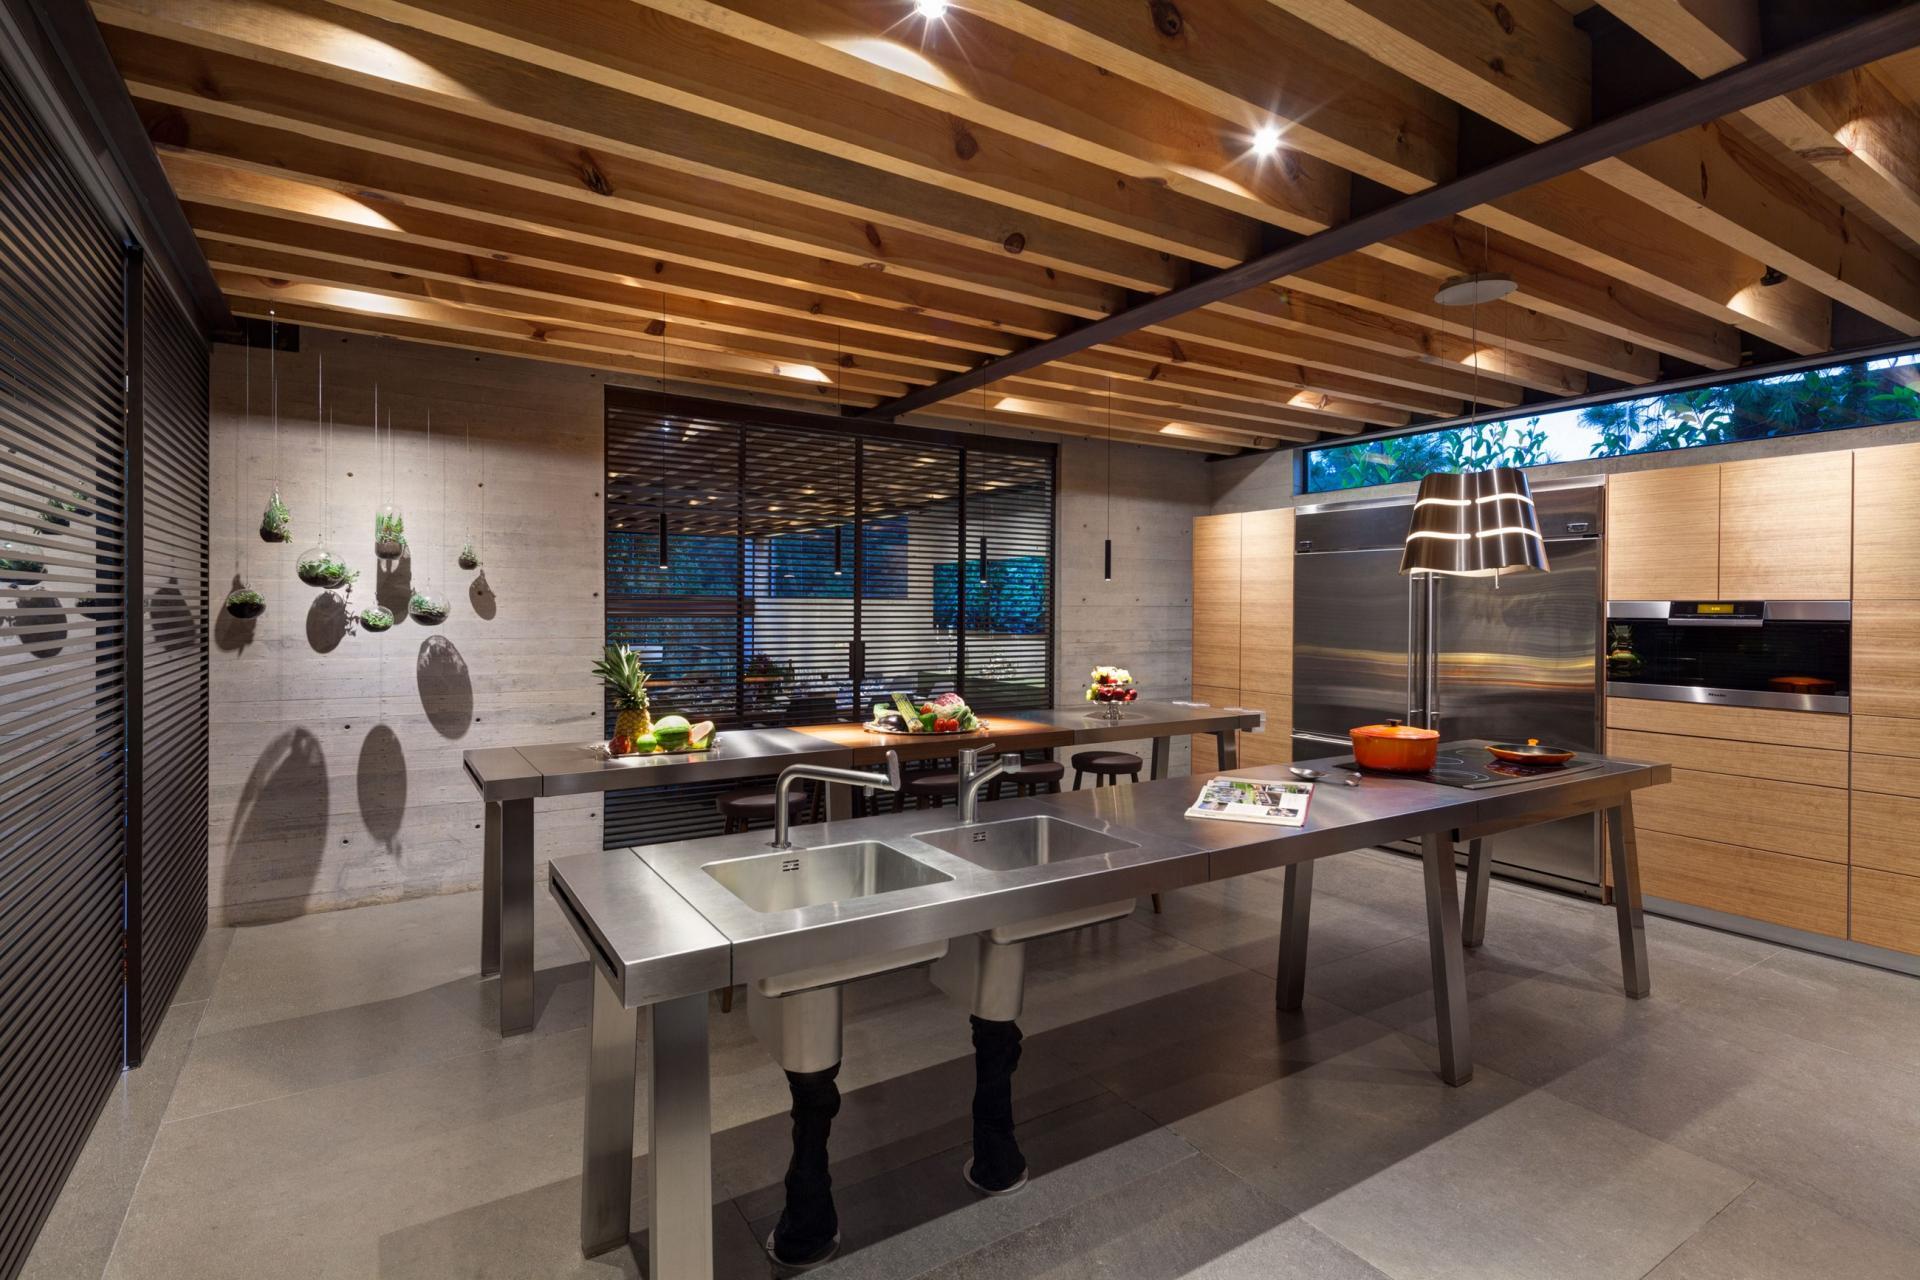 Casa Tepozcuautla - kitchen area